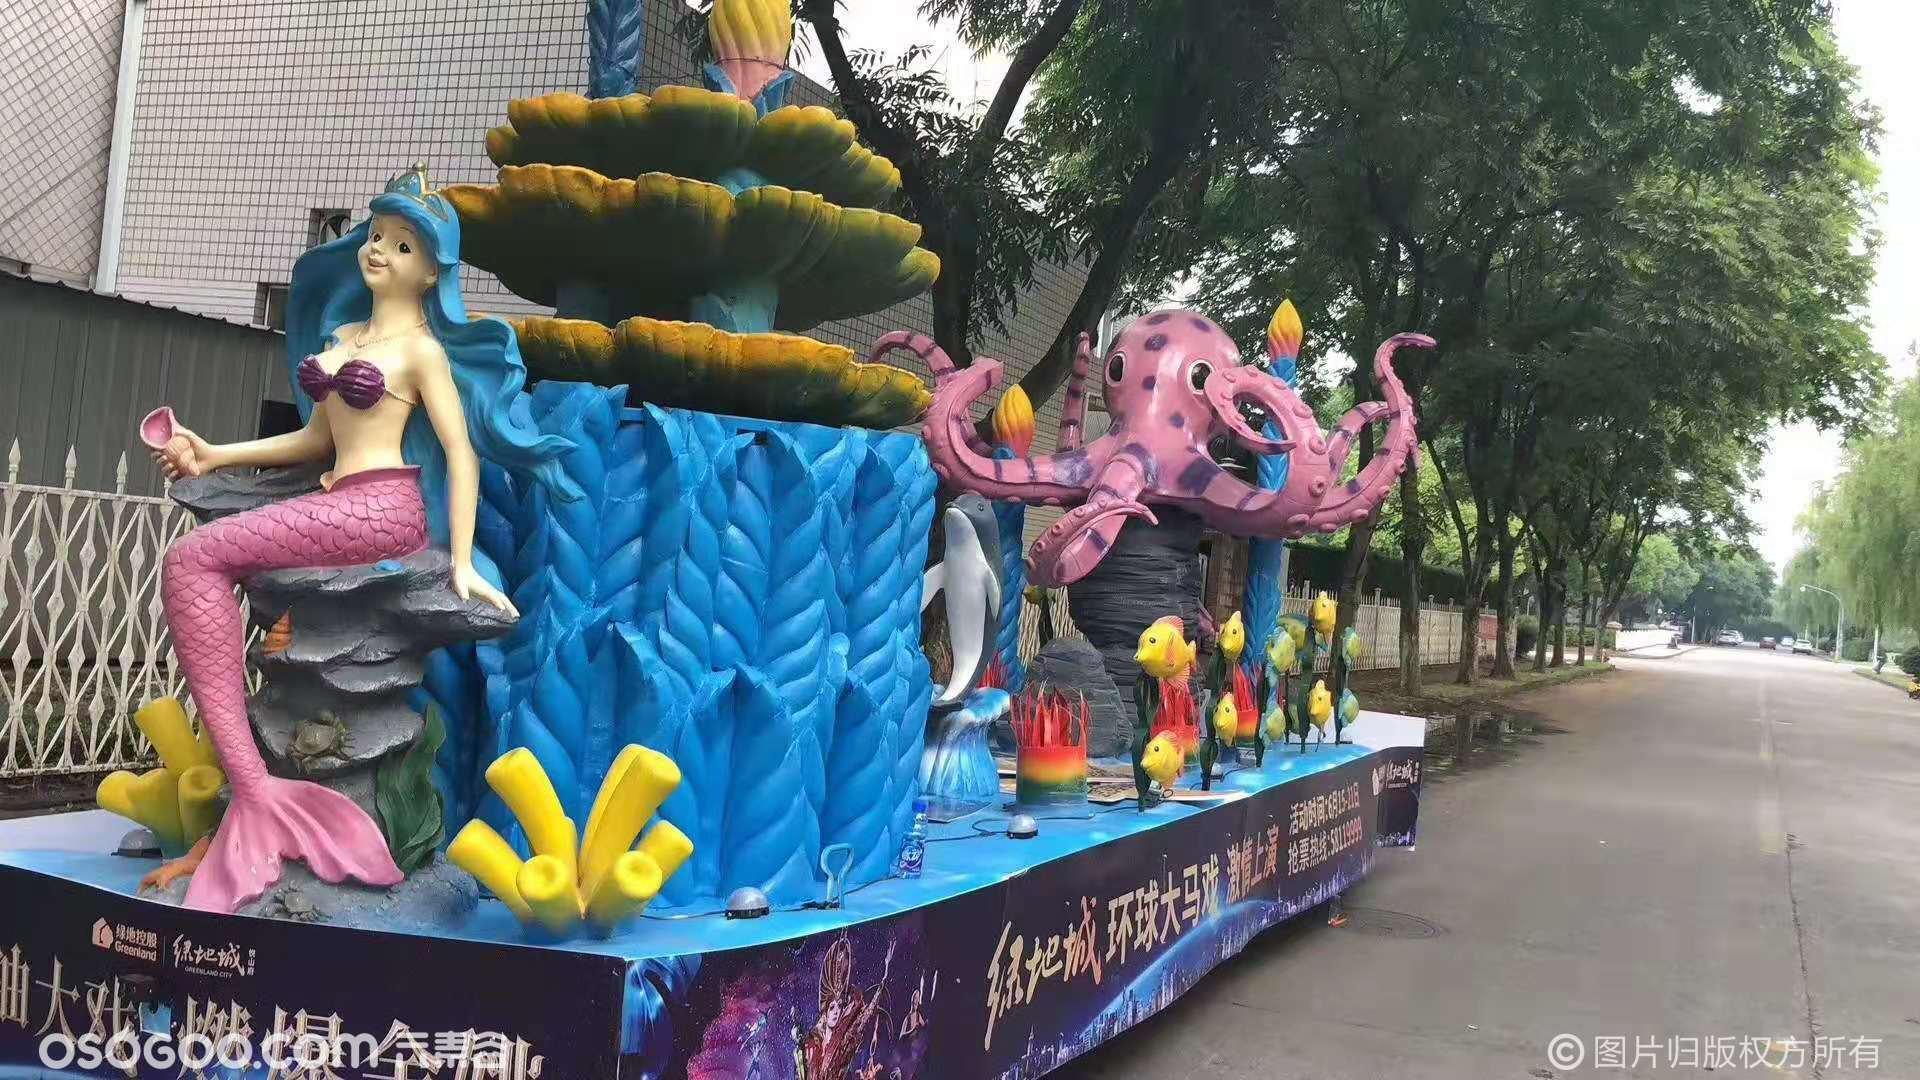 迪士尼巡游花车活动展示 出租海洋主题花车 海洋花车租赁公司